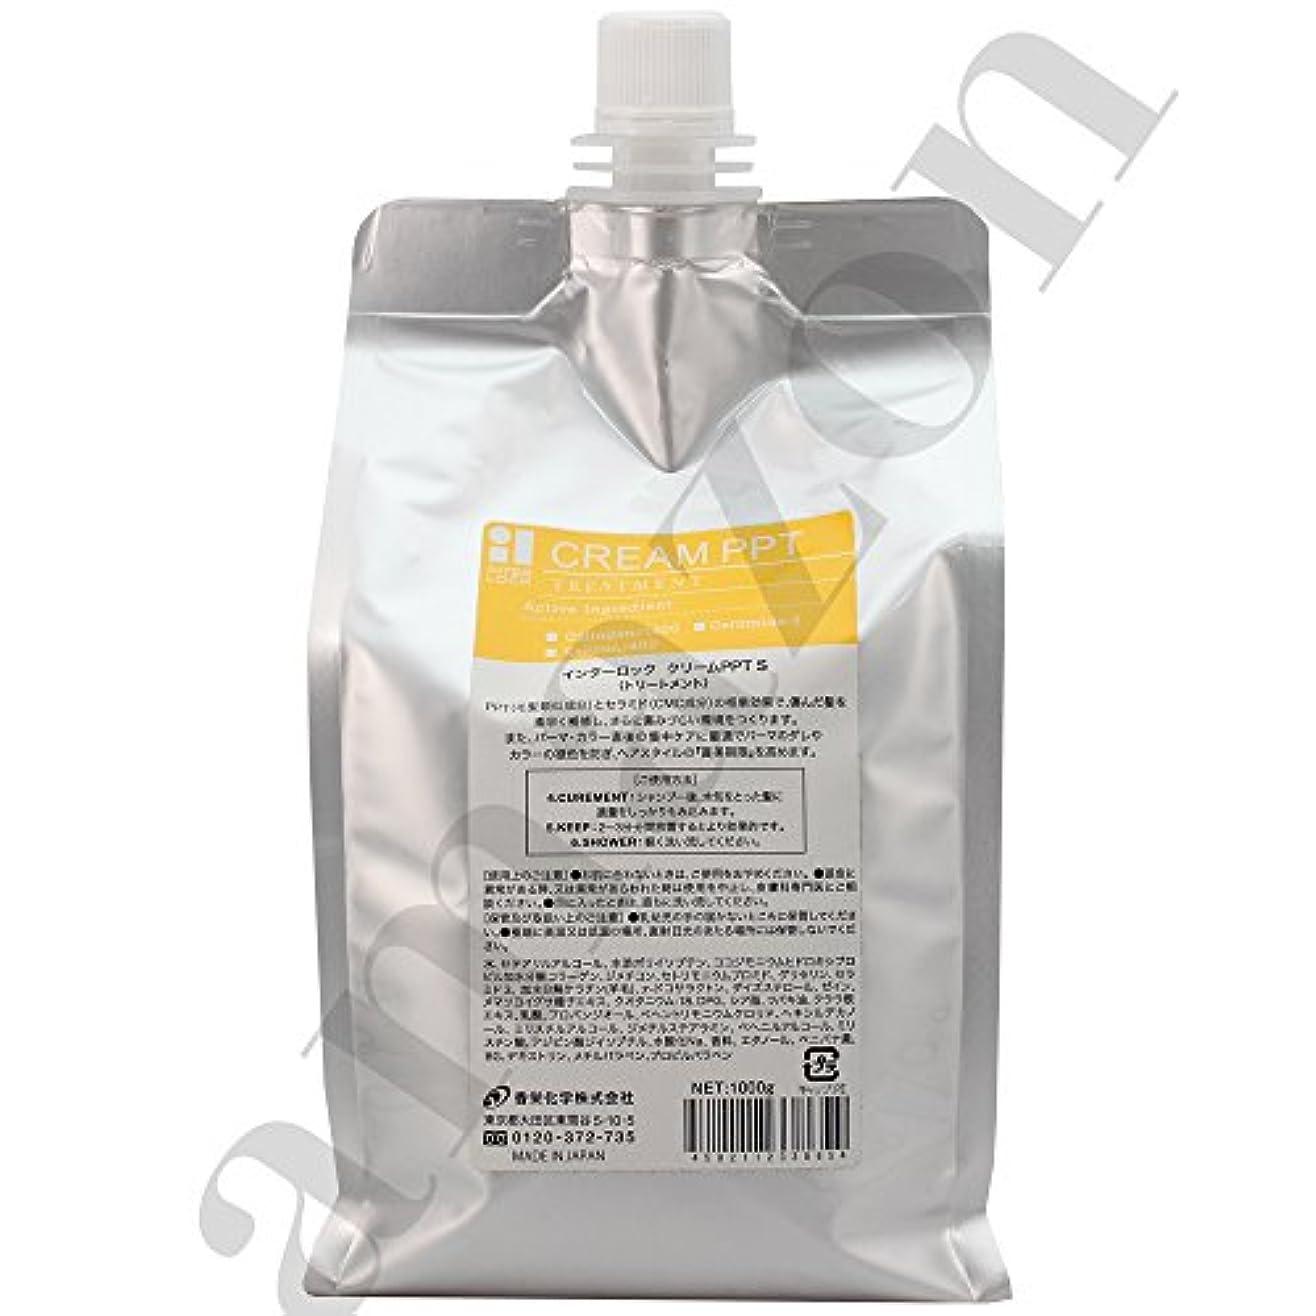 反対に複雑実験室香栄化学 インターロック クリームPPT S レフィル 1000g